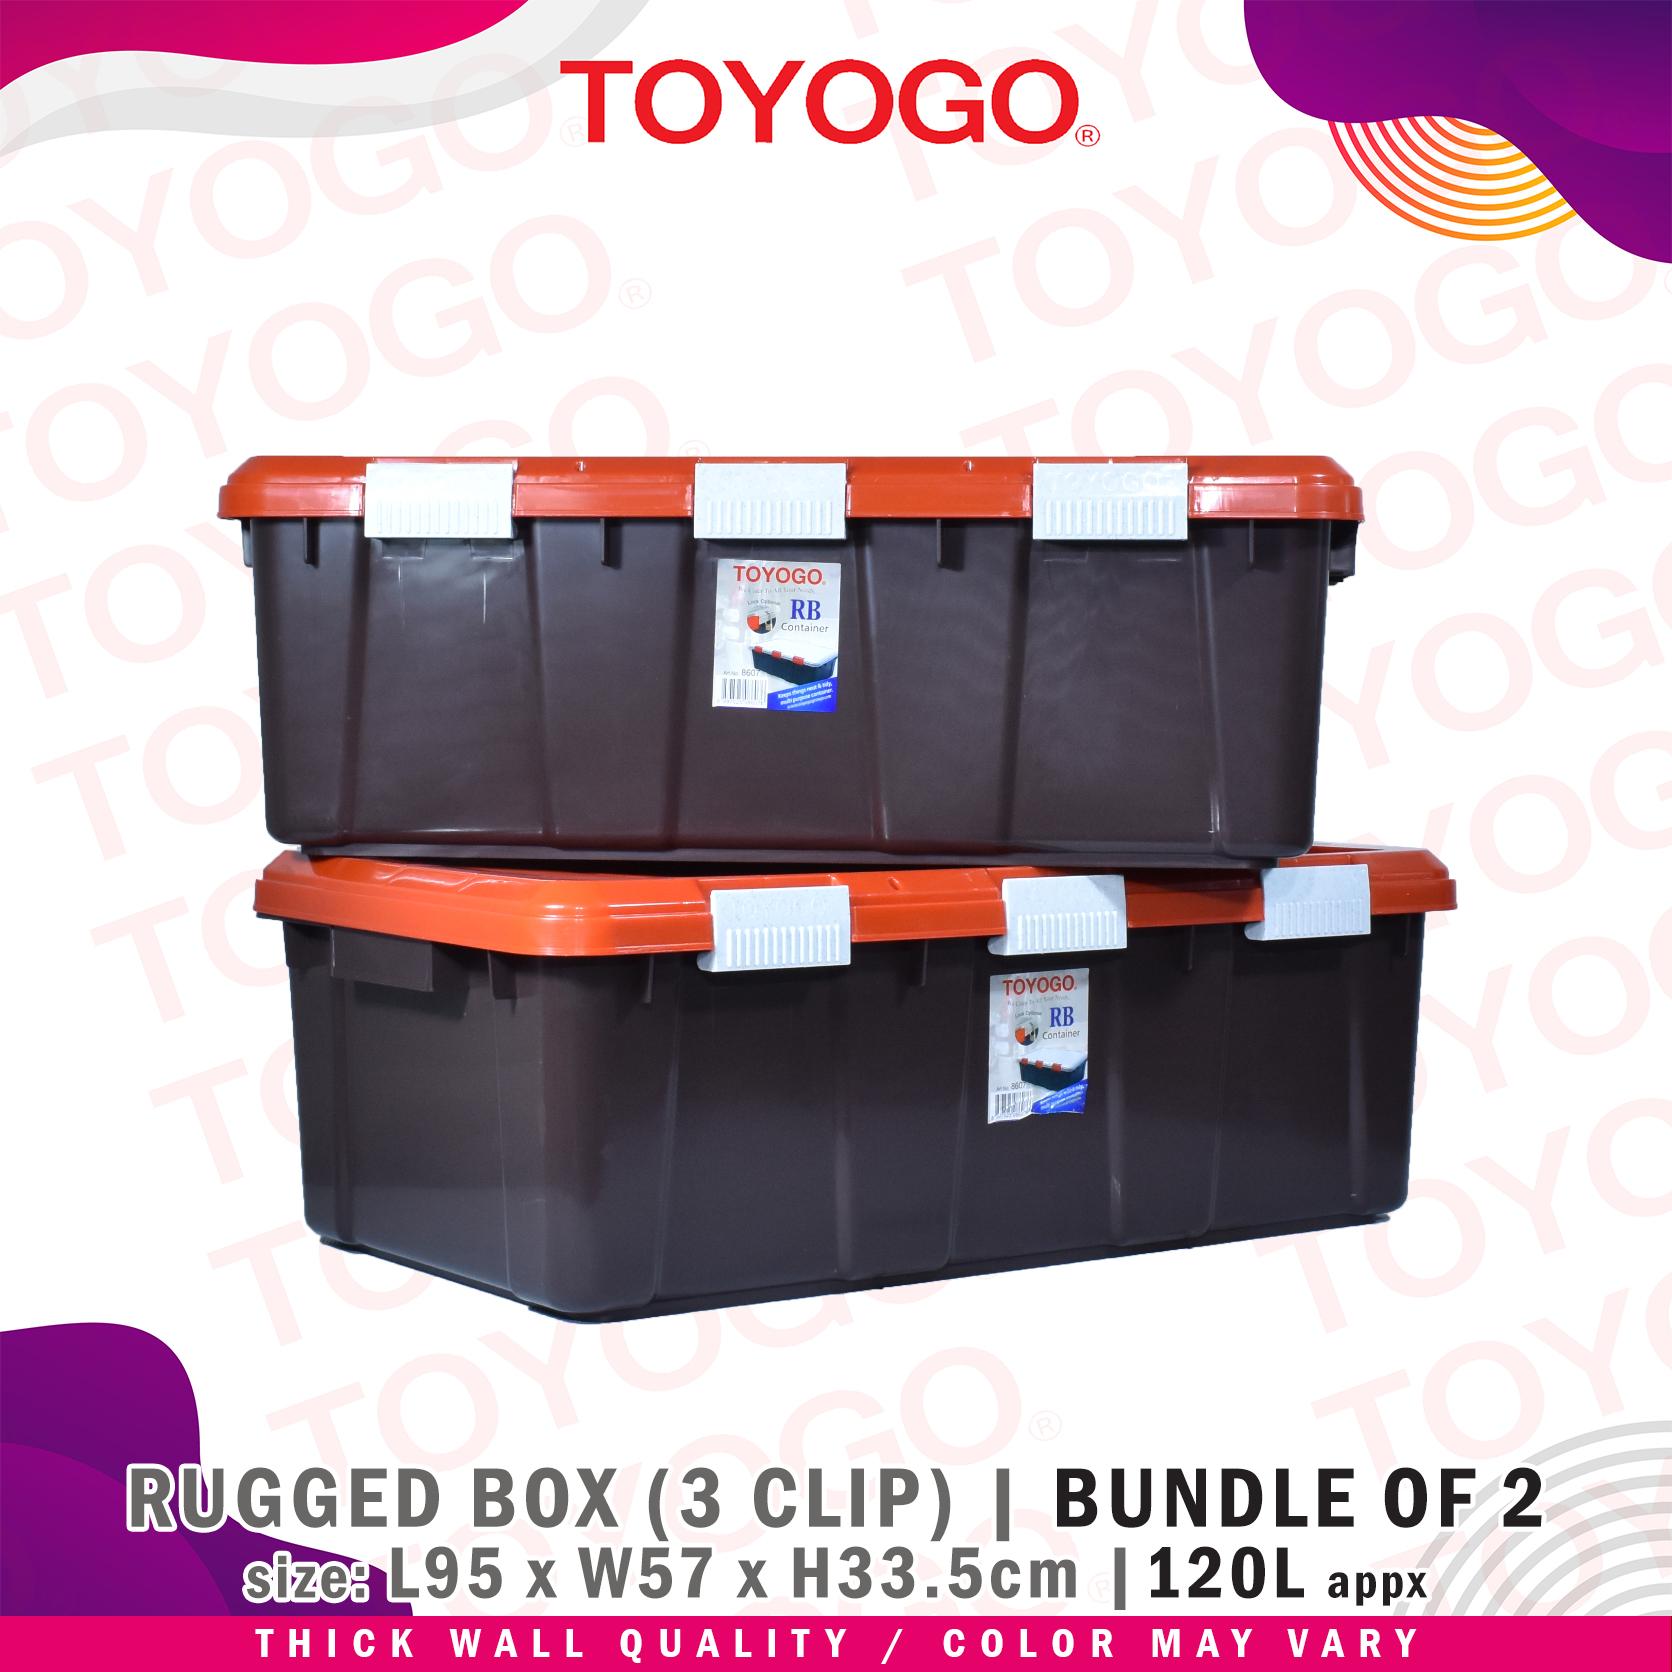 Toyogo Rugged Box 3 Clip (Bundle of 2) (8607) W21